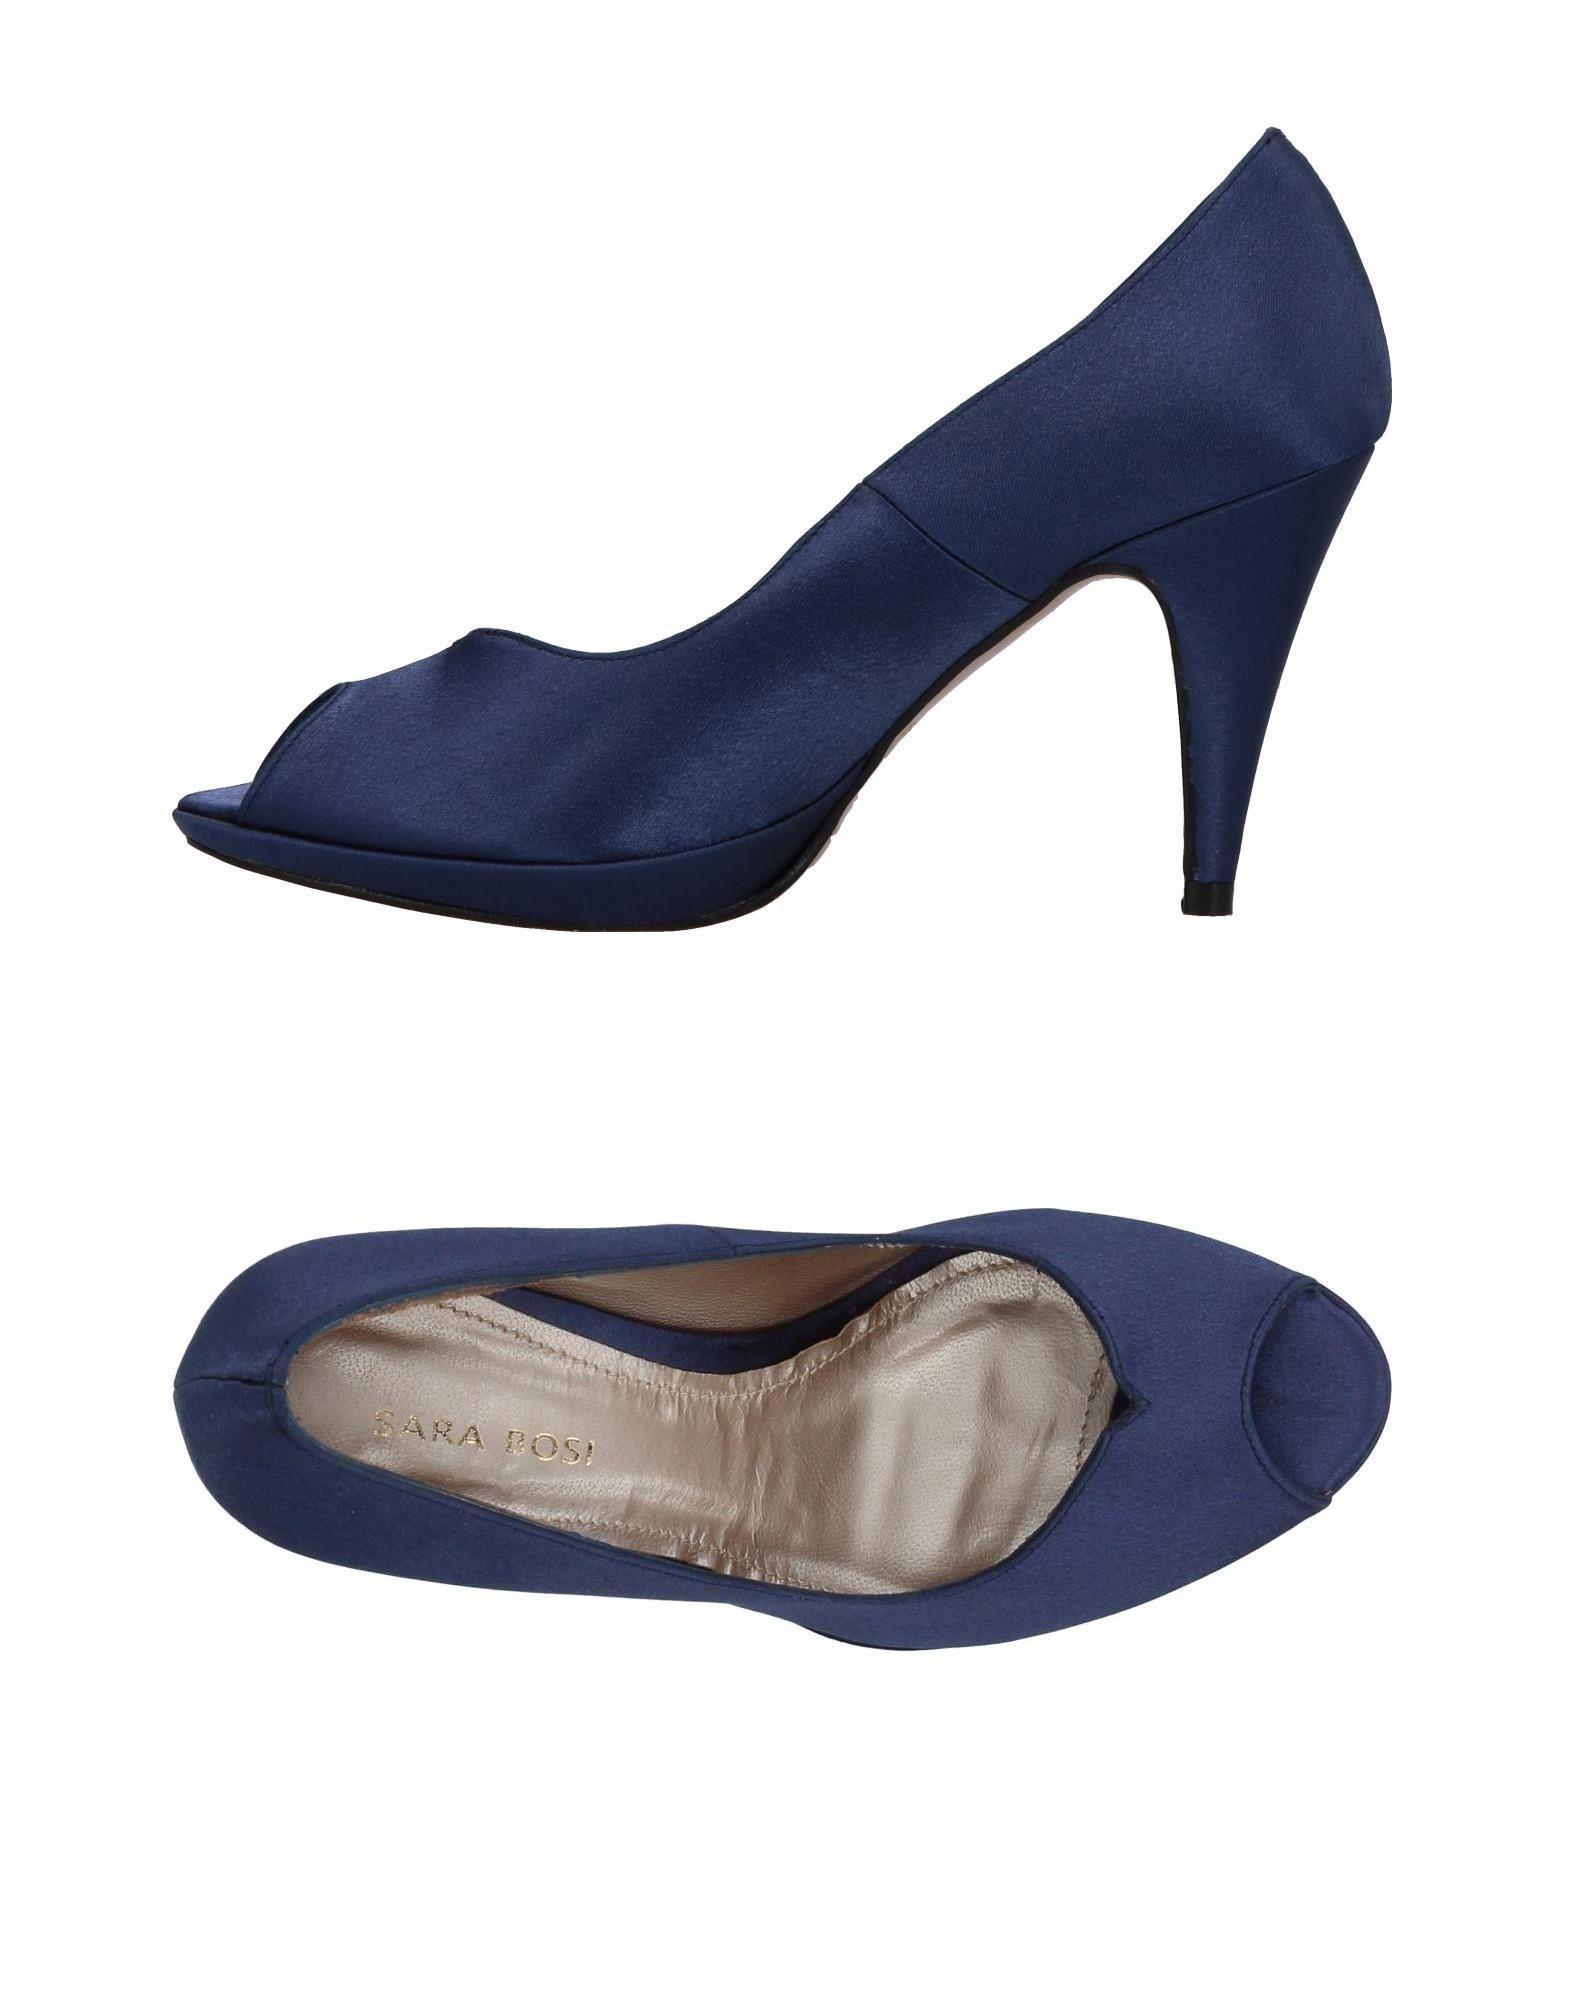 《セール開催中》SARA BOSI レディース パンプス ブルー 36 紡績繊維